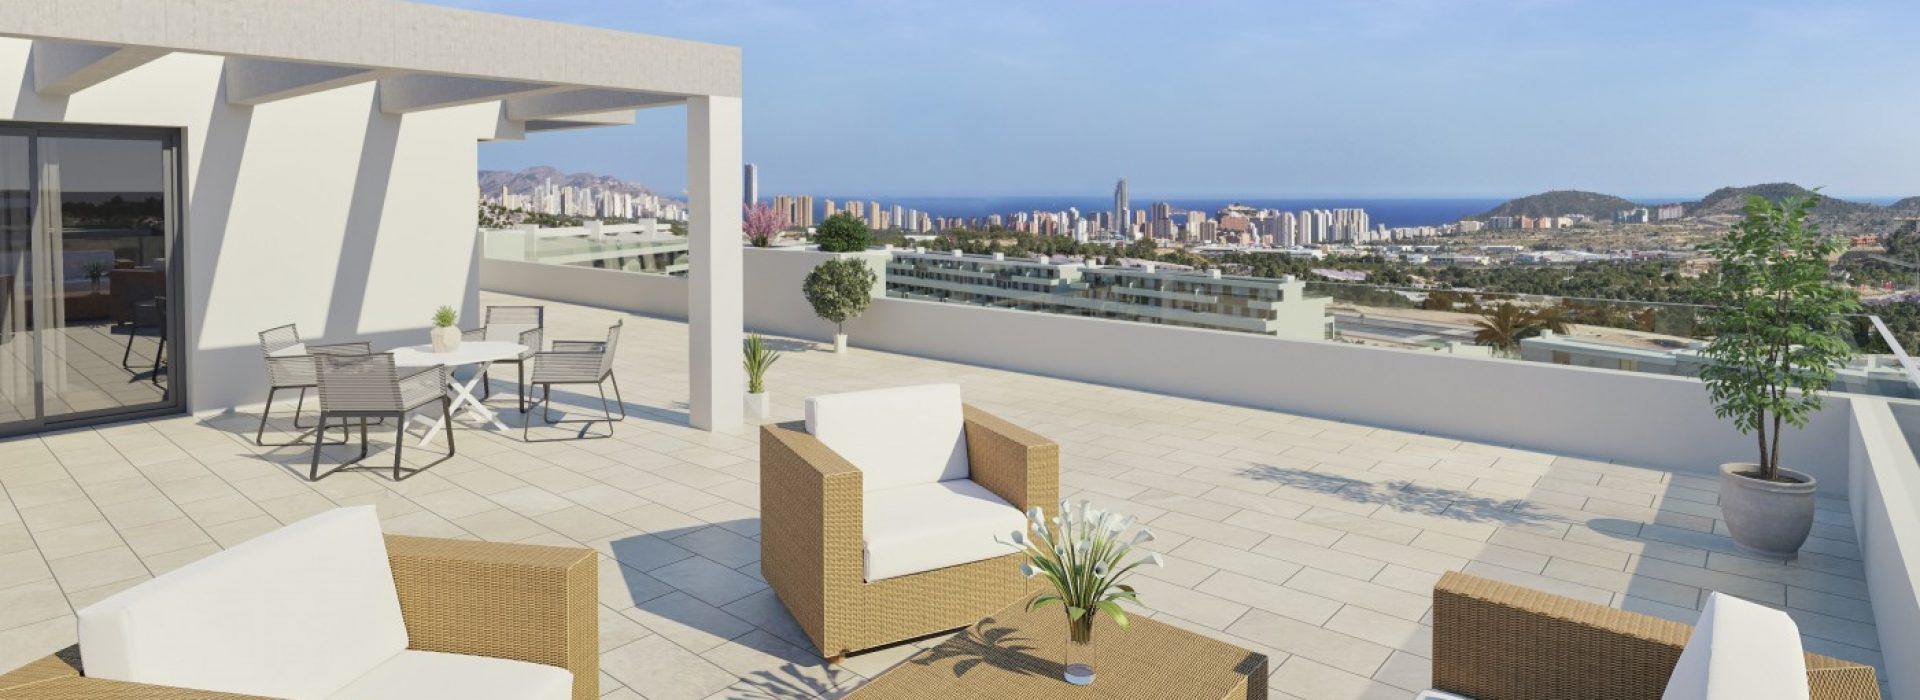 nowe-apartamenty-w-kompleksie-z-pieknymi-basenami-4-17898